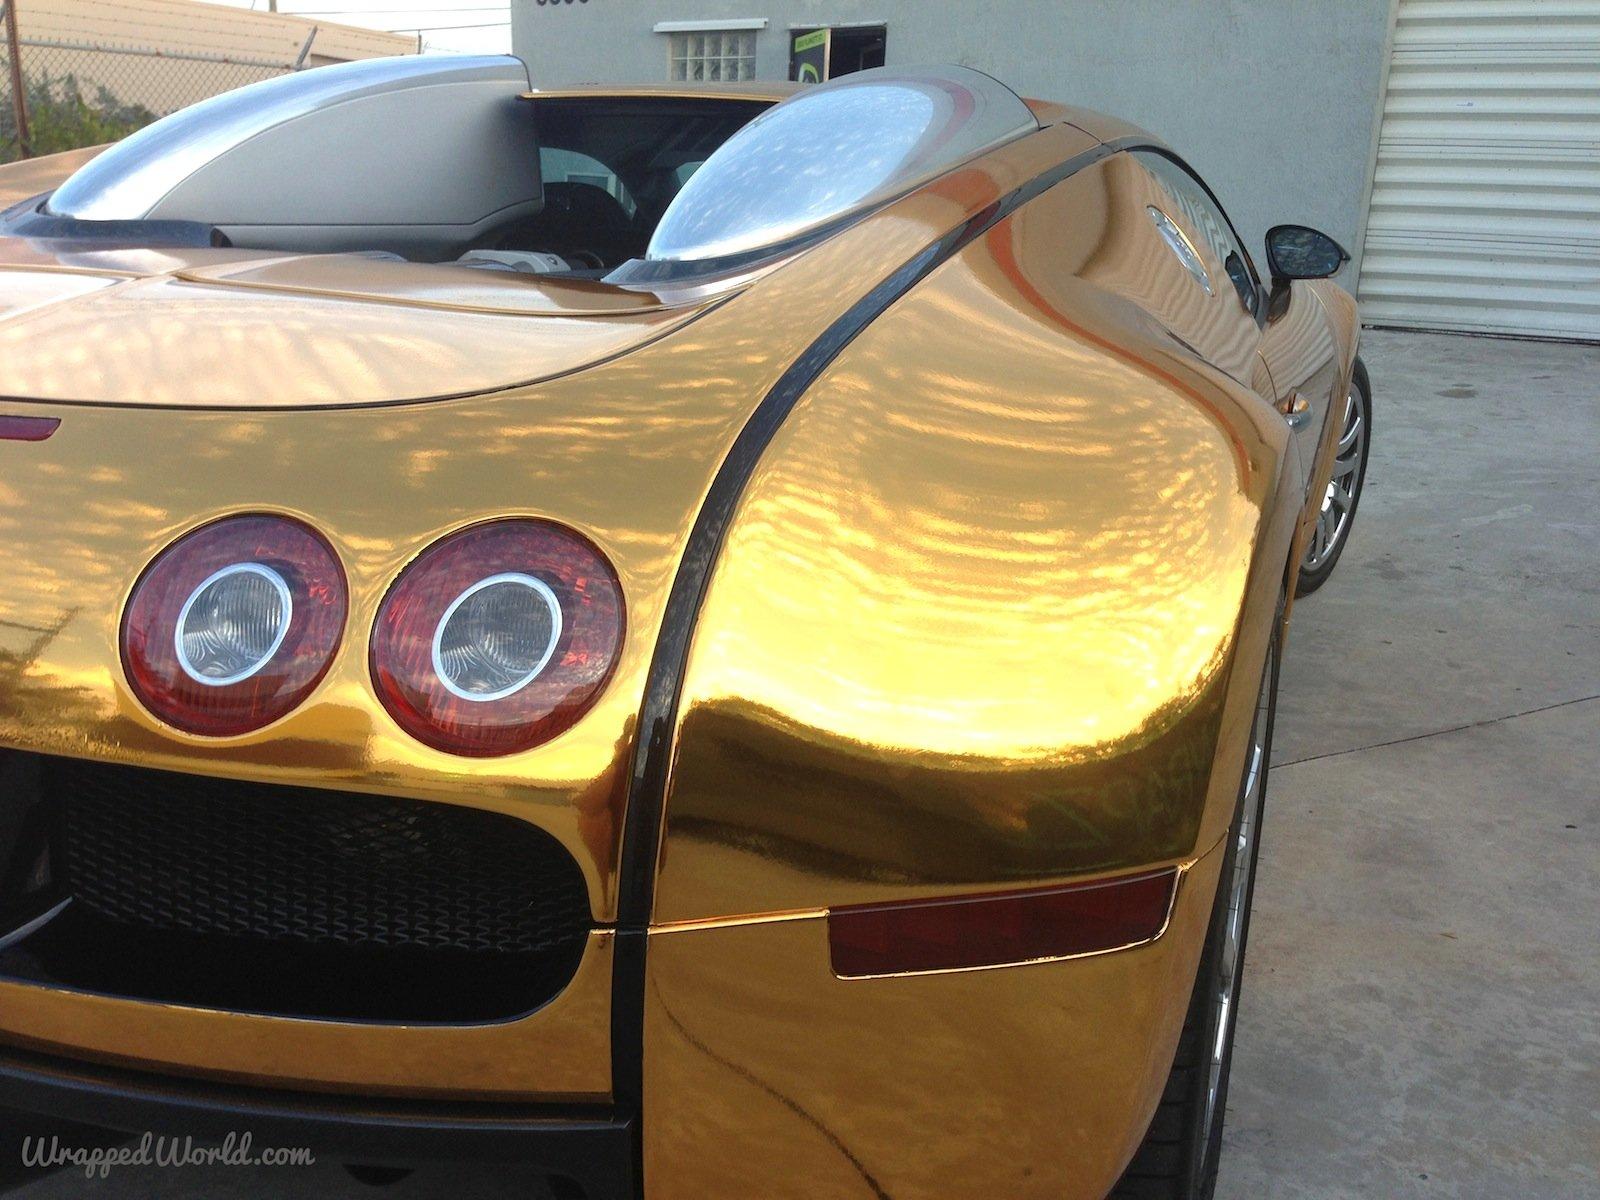 bugatti veyron gold wrapped for us rapper flo rida - Bugatti 2016 Gold